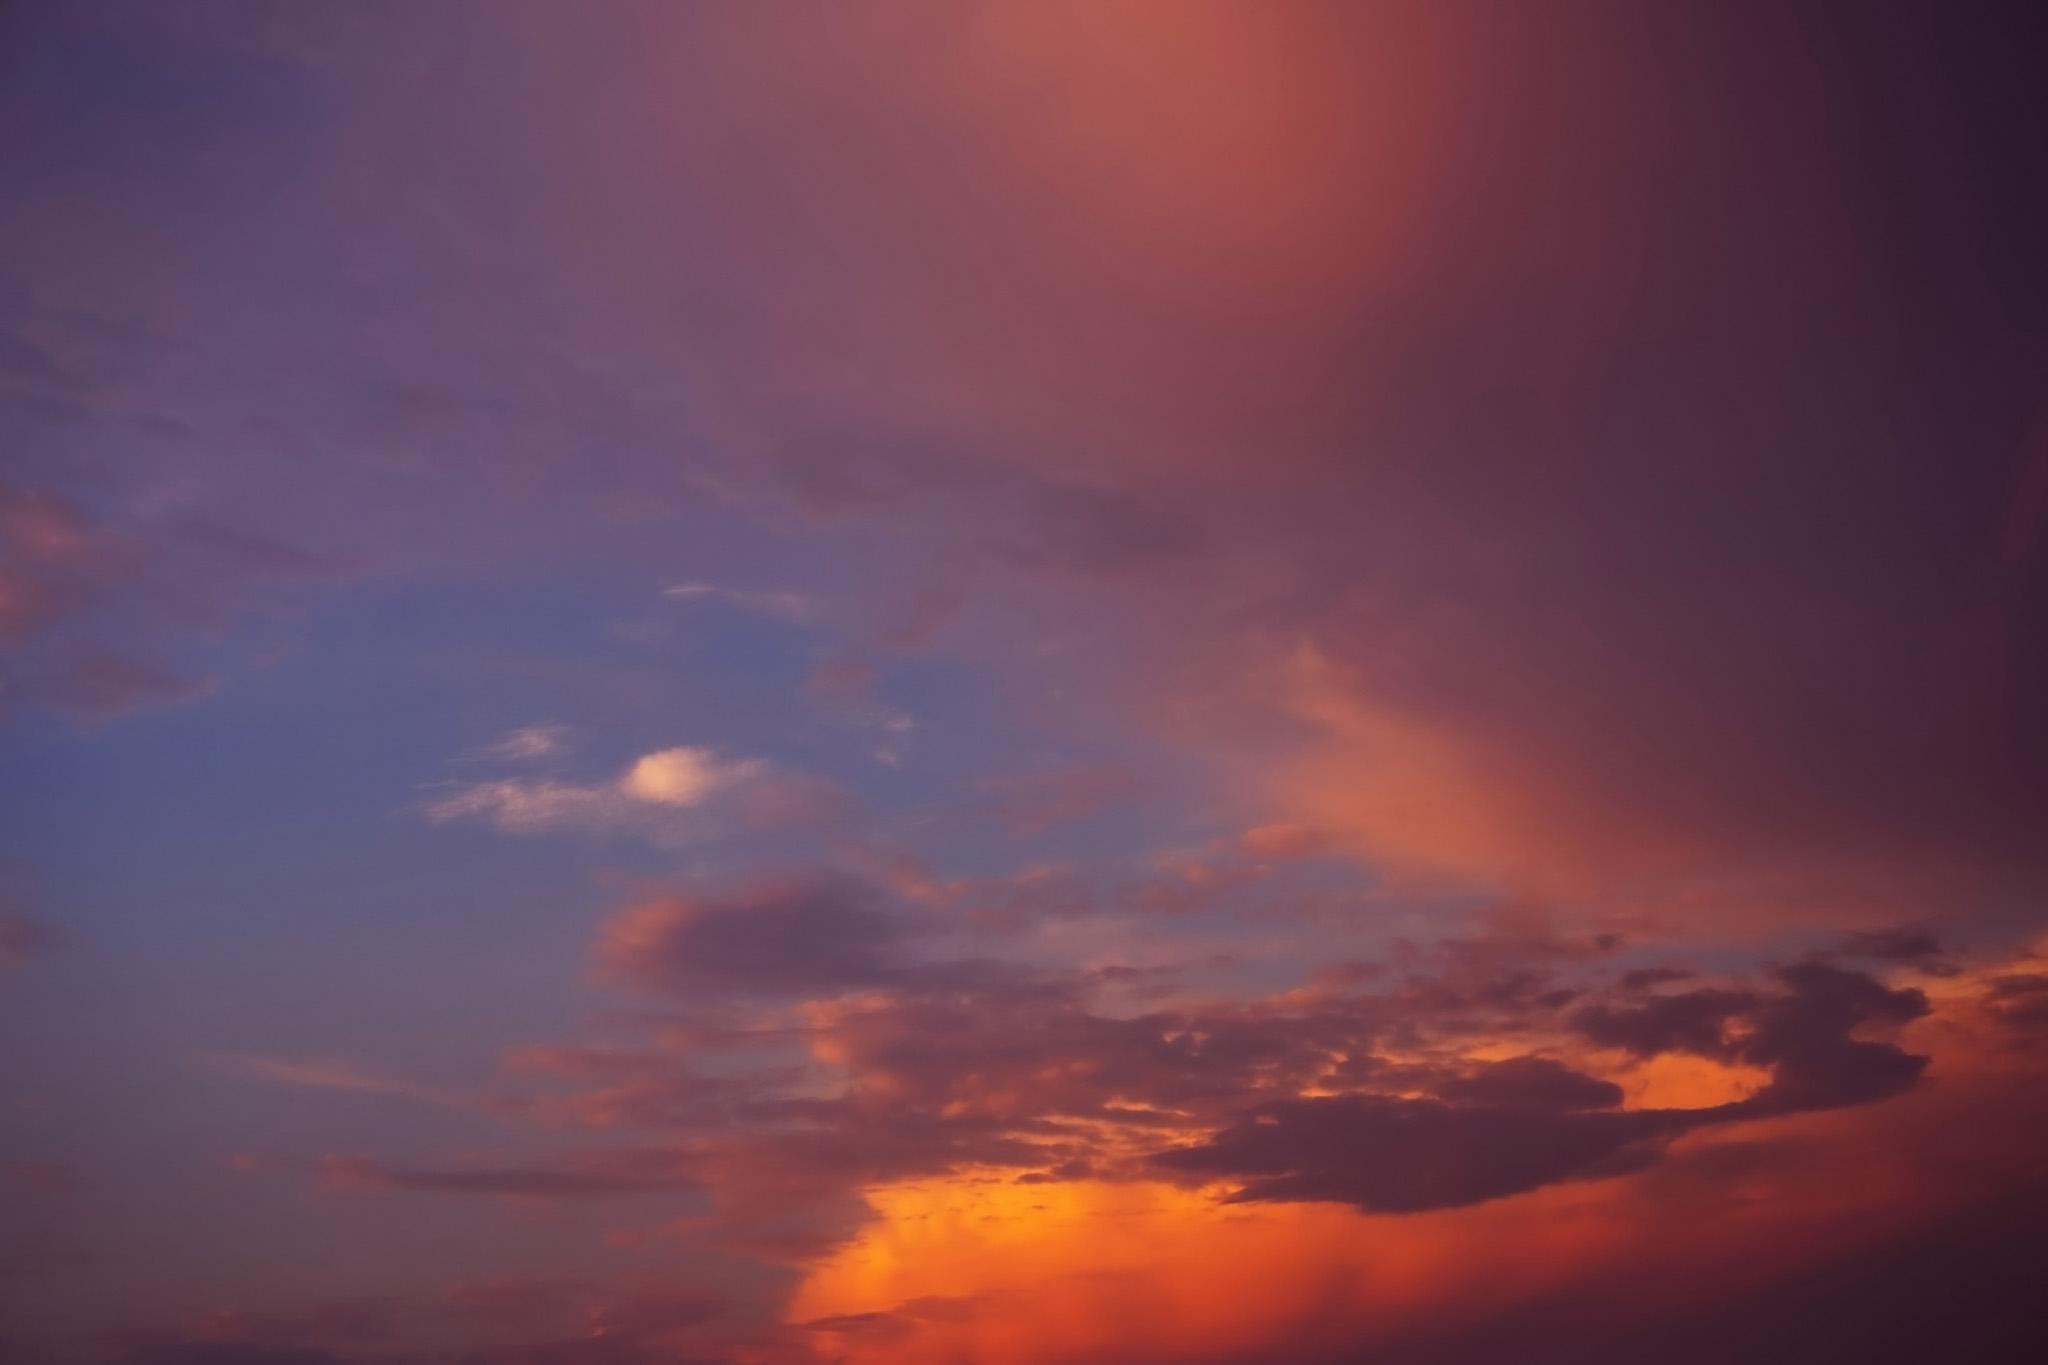 「夕焼けに染まる大きな茜雲」